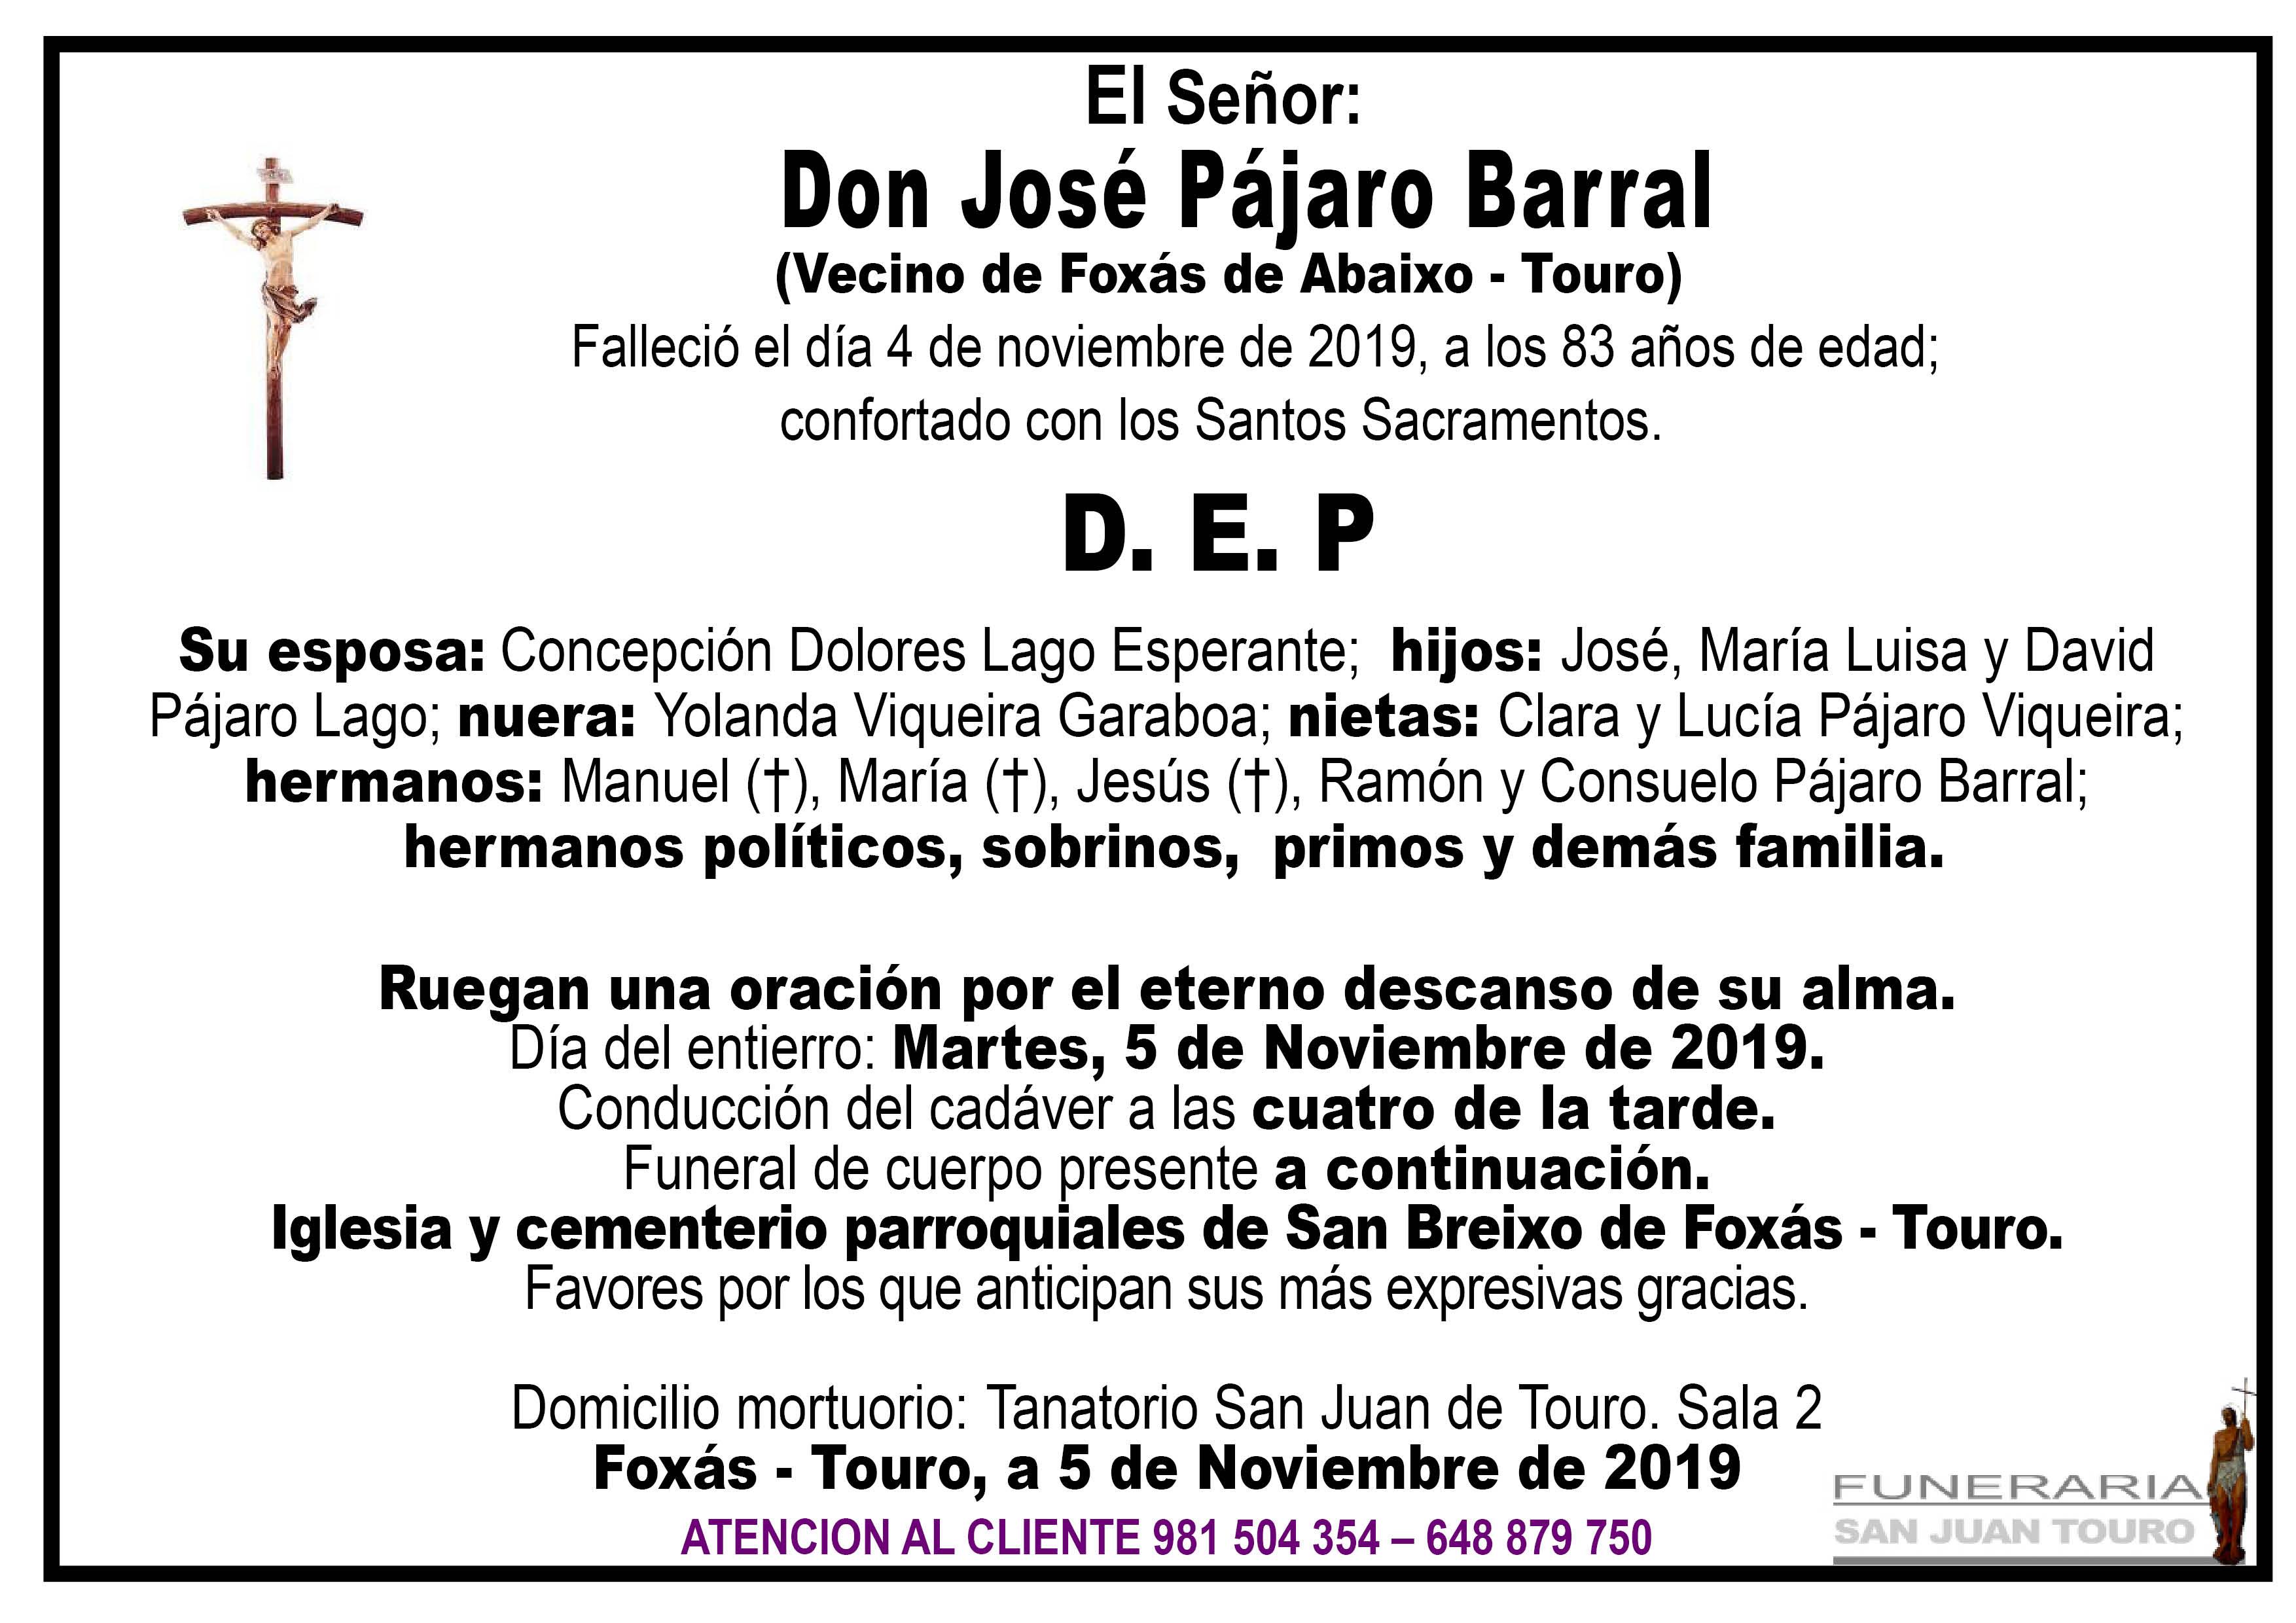 Esquela de SEPELIO DE DON JOSÉ PÁJARO BARRAL